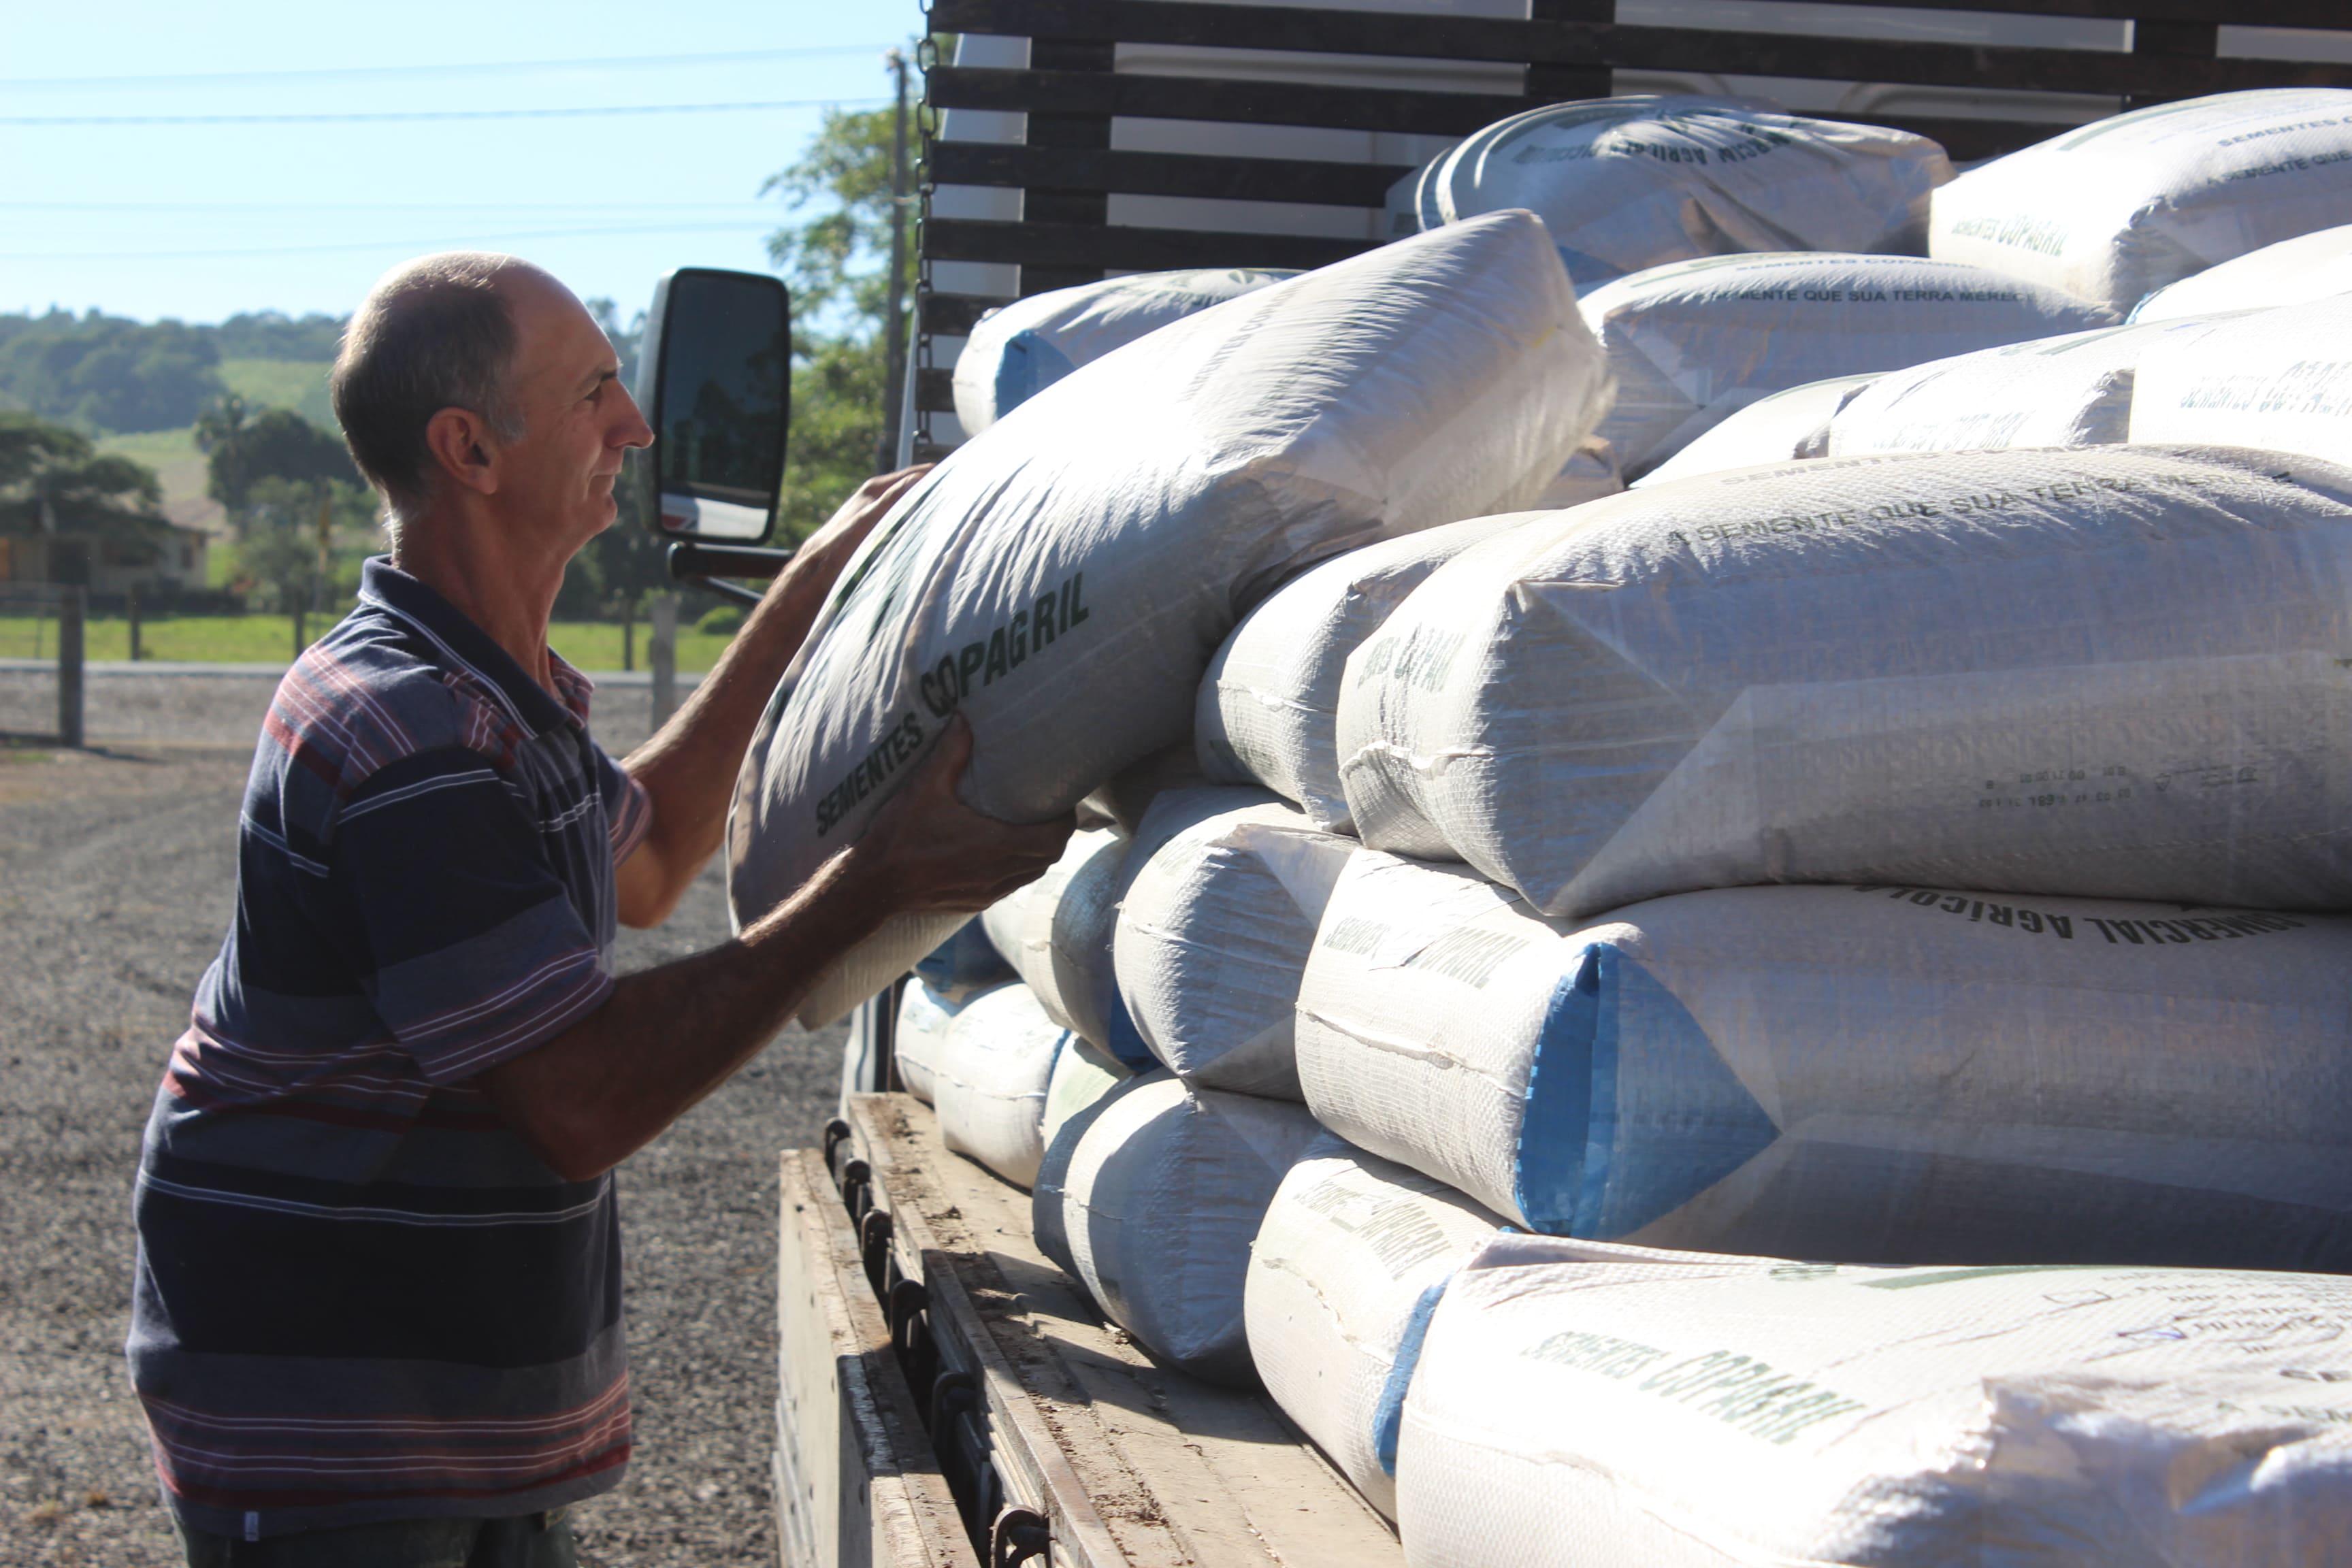 Agricultura e Casa do Empreendedor: união para tirar o produtor rural da informalidade